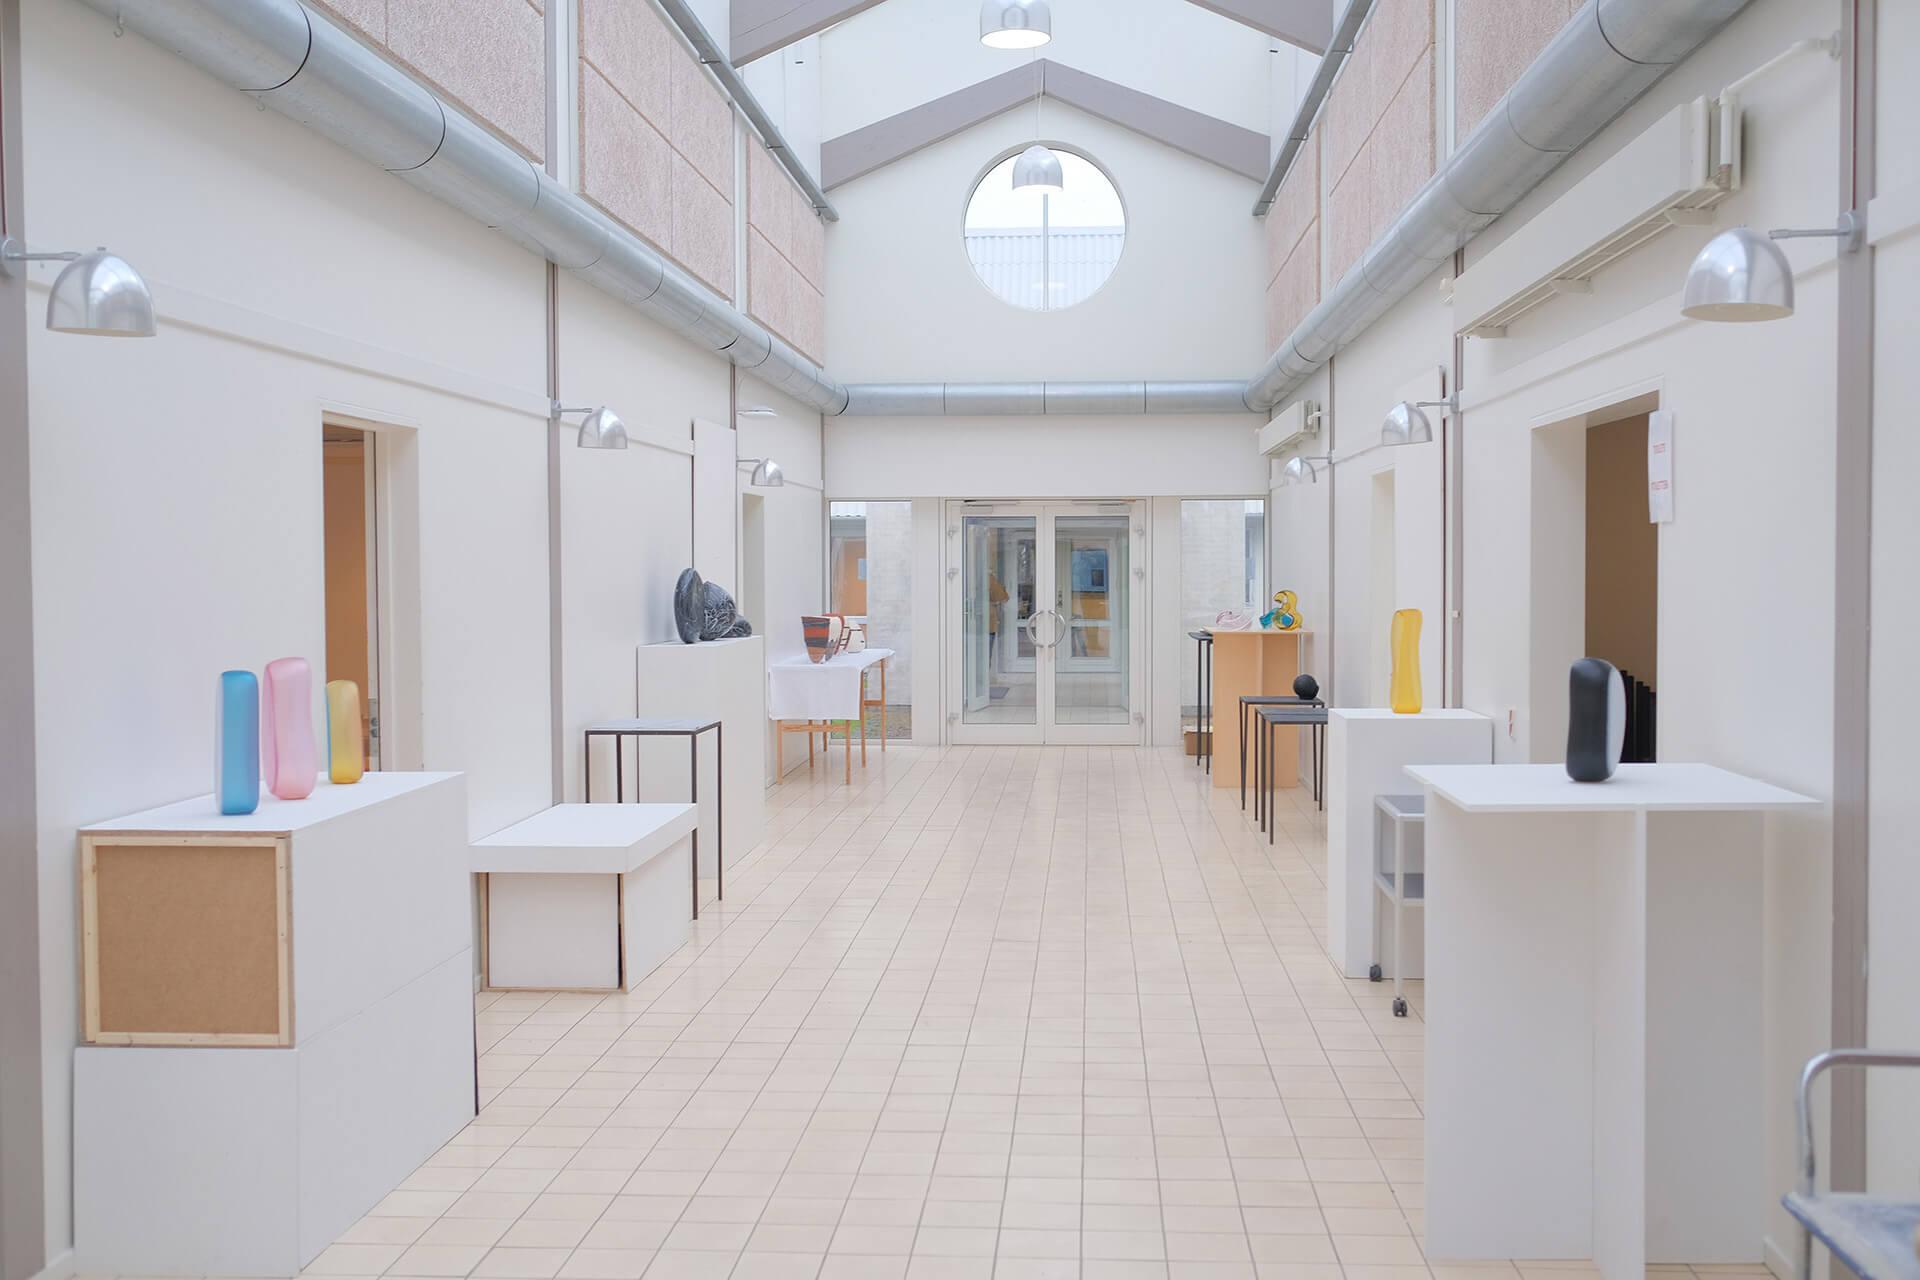 Exhibition, KADK, Bornholm, Jonas Noël Niedermann